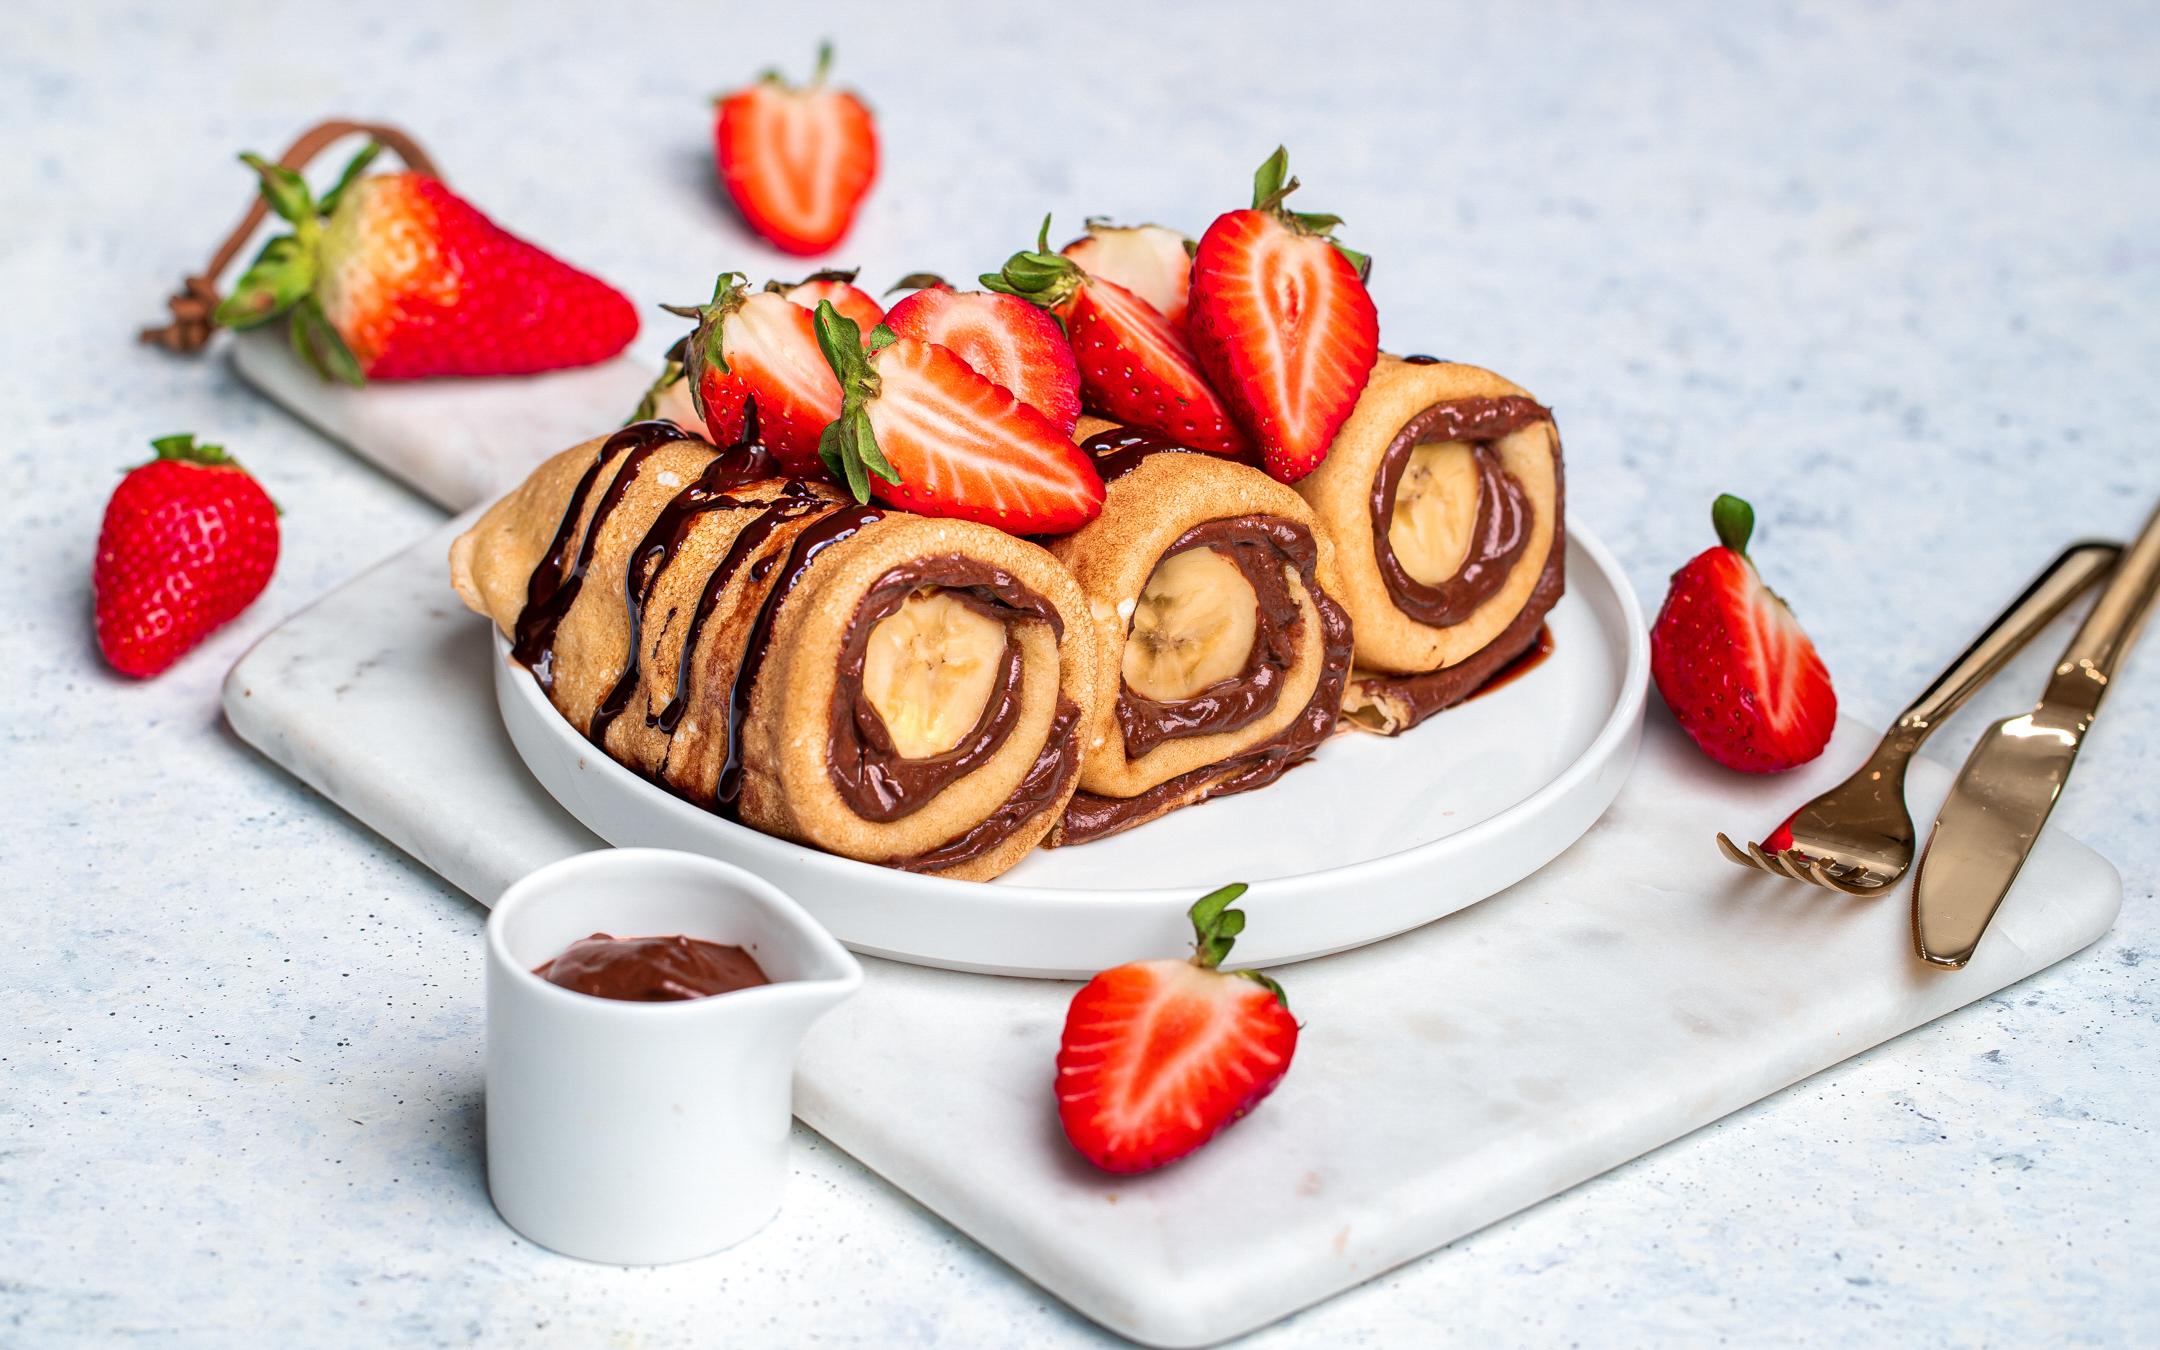 Naleśniki z kremem kokosowo-czekoladowym banoffee z bananami i mascarpone - Galbani – od ponad 130 lat dostarczamy najlepsze włoskie smaki na talerze całego świata